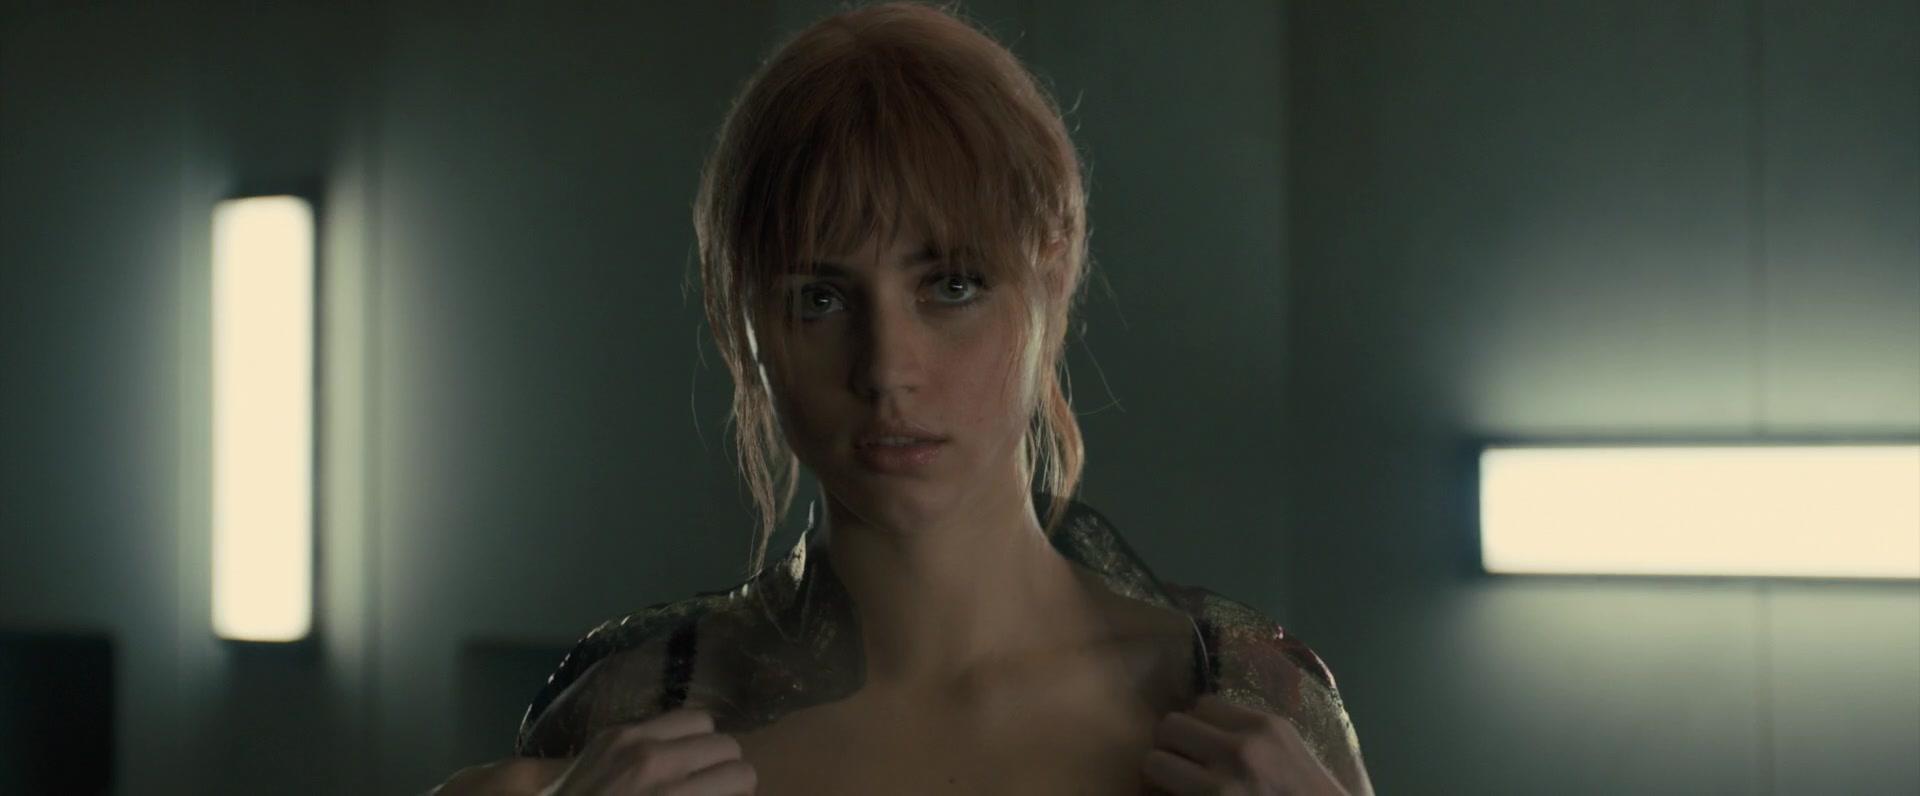 Ana-de-Armas-Sallie-Harmsen-Mackenzie-Davis-etc-Nude-45-thefappeningblog.com_.jpg